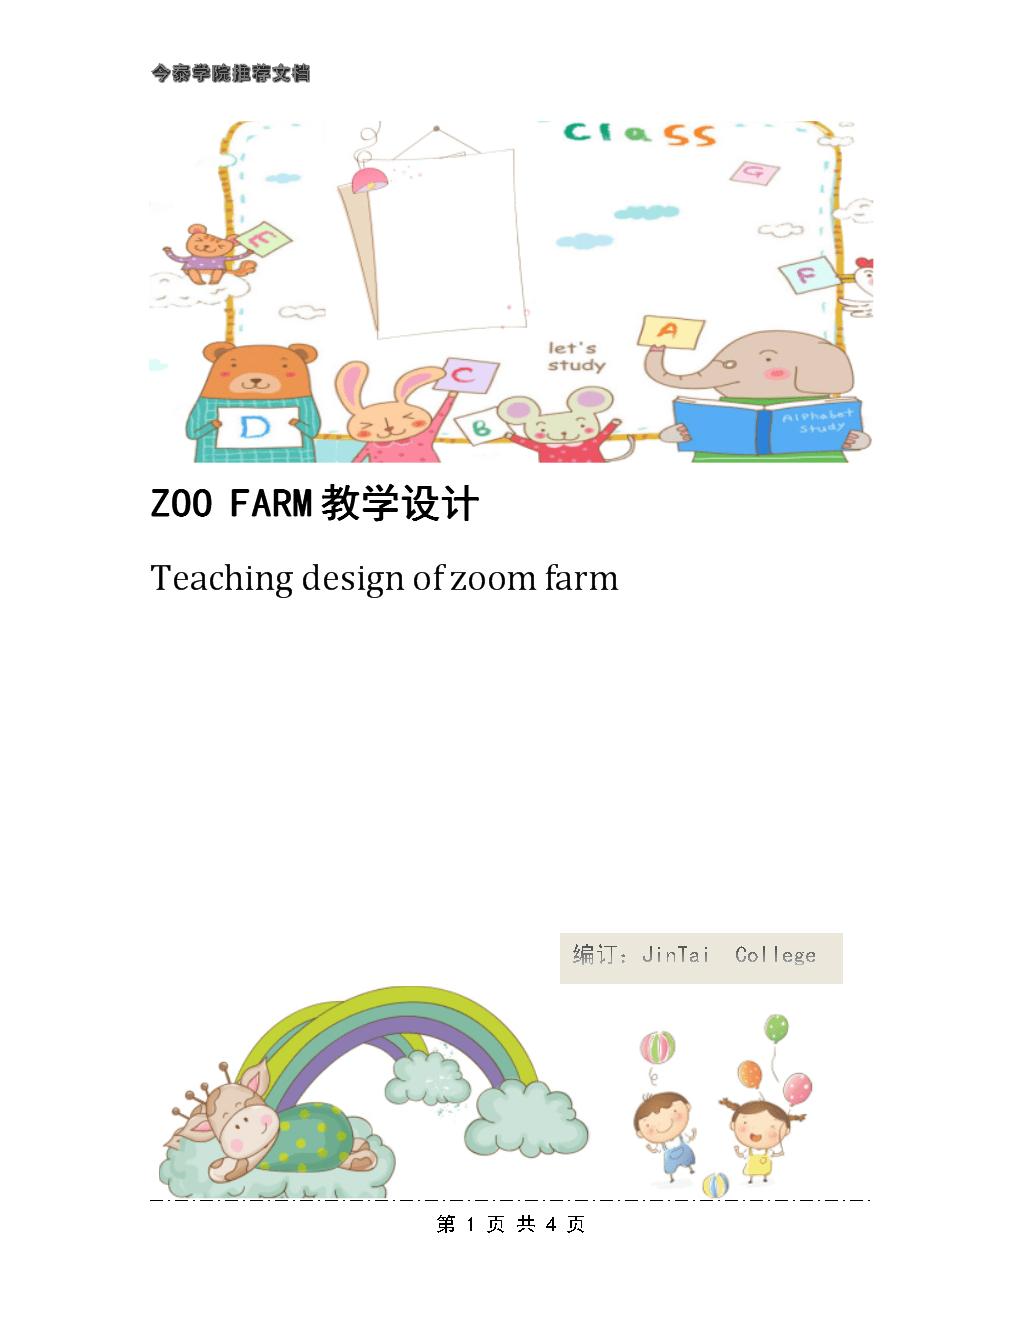 ZOO FARM教学设计教案.docx